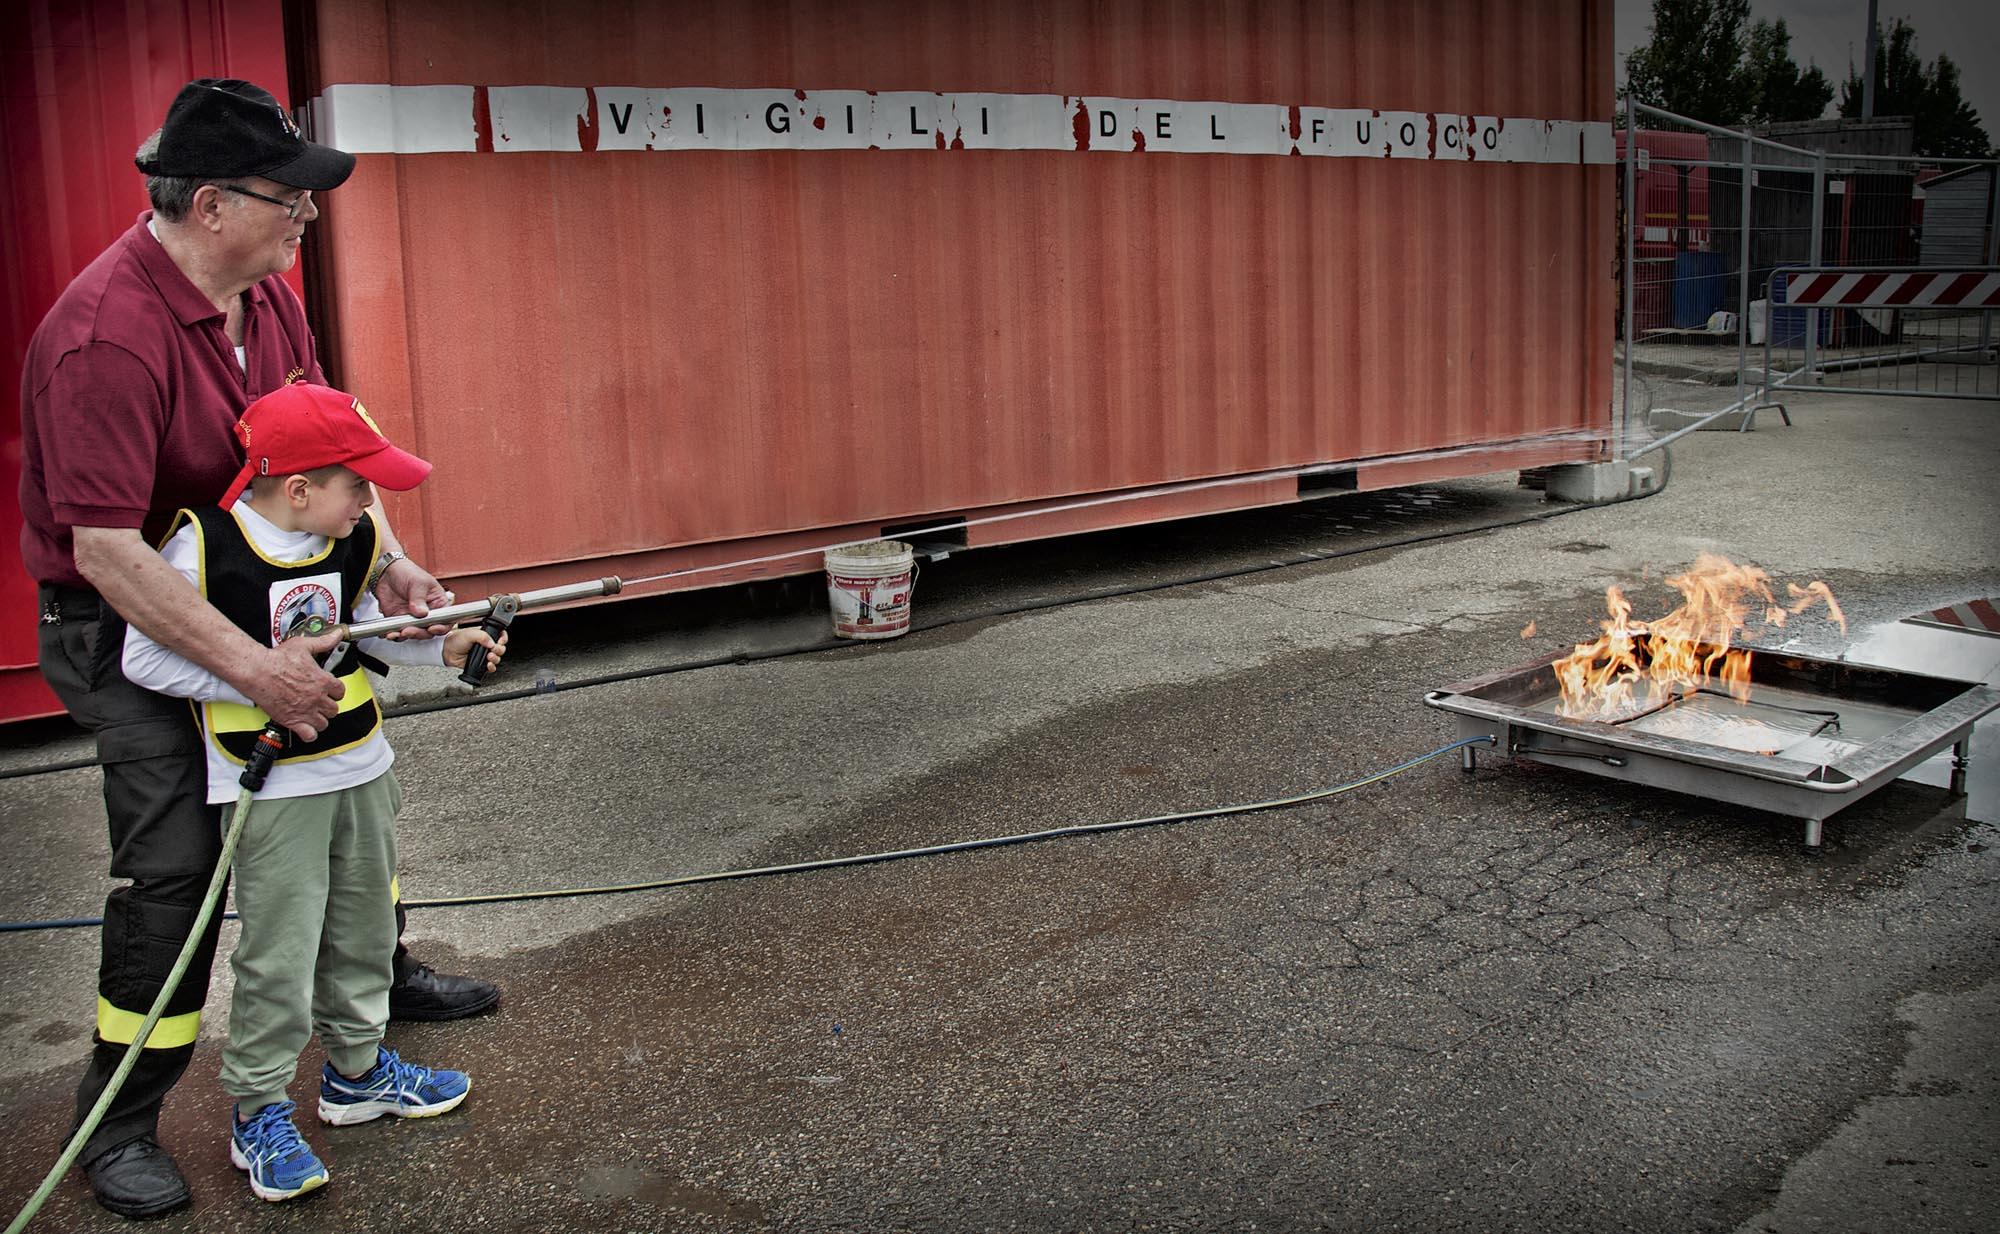 0029 pompieropoli esercitazioni antincendio bambini 3 - Pompieropoli, esercitazione antincendio con i bambini